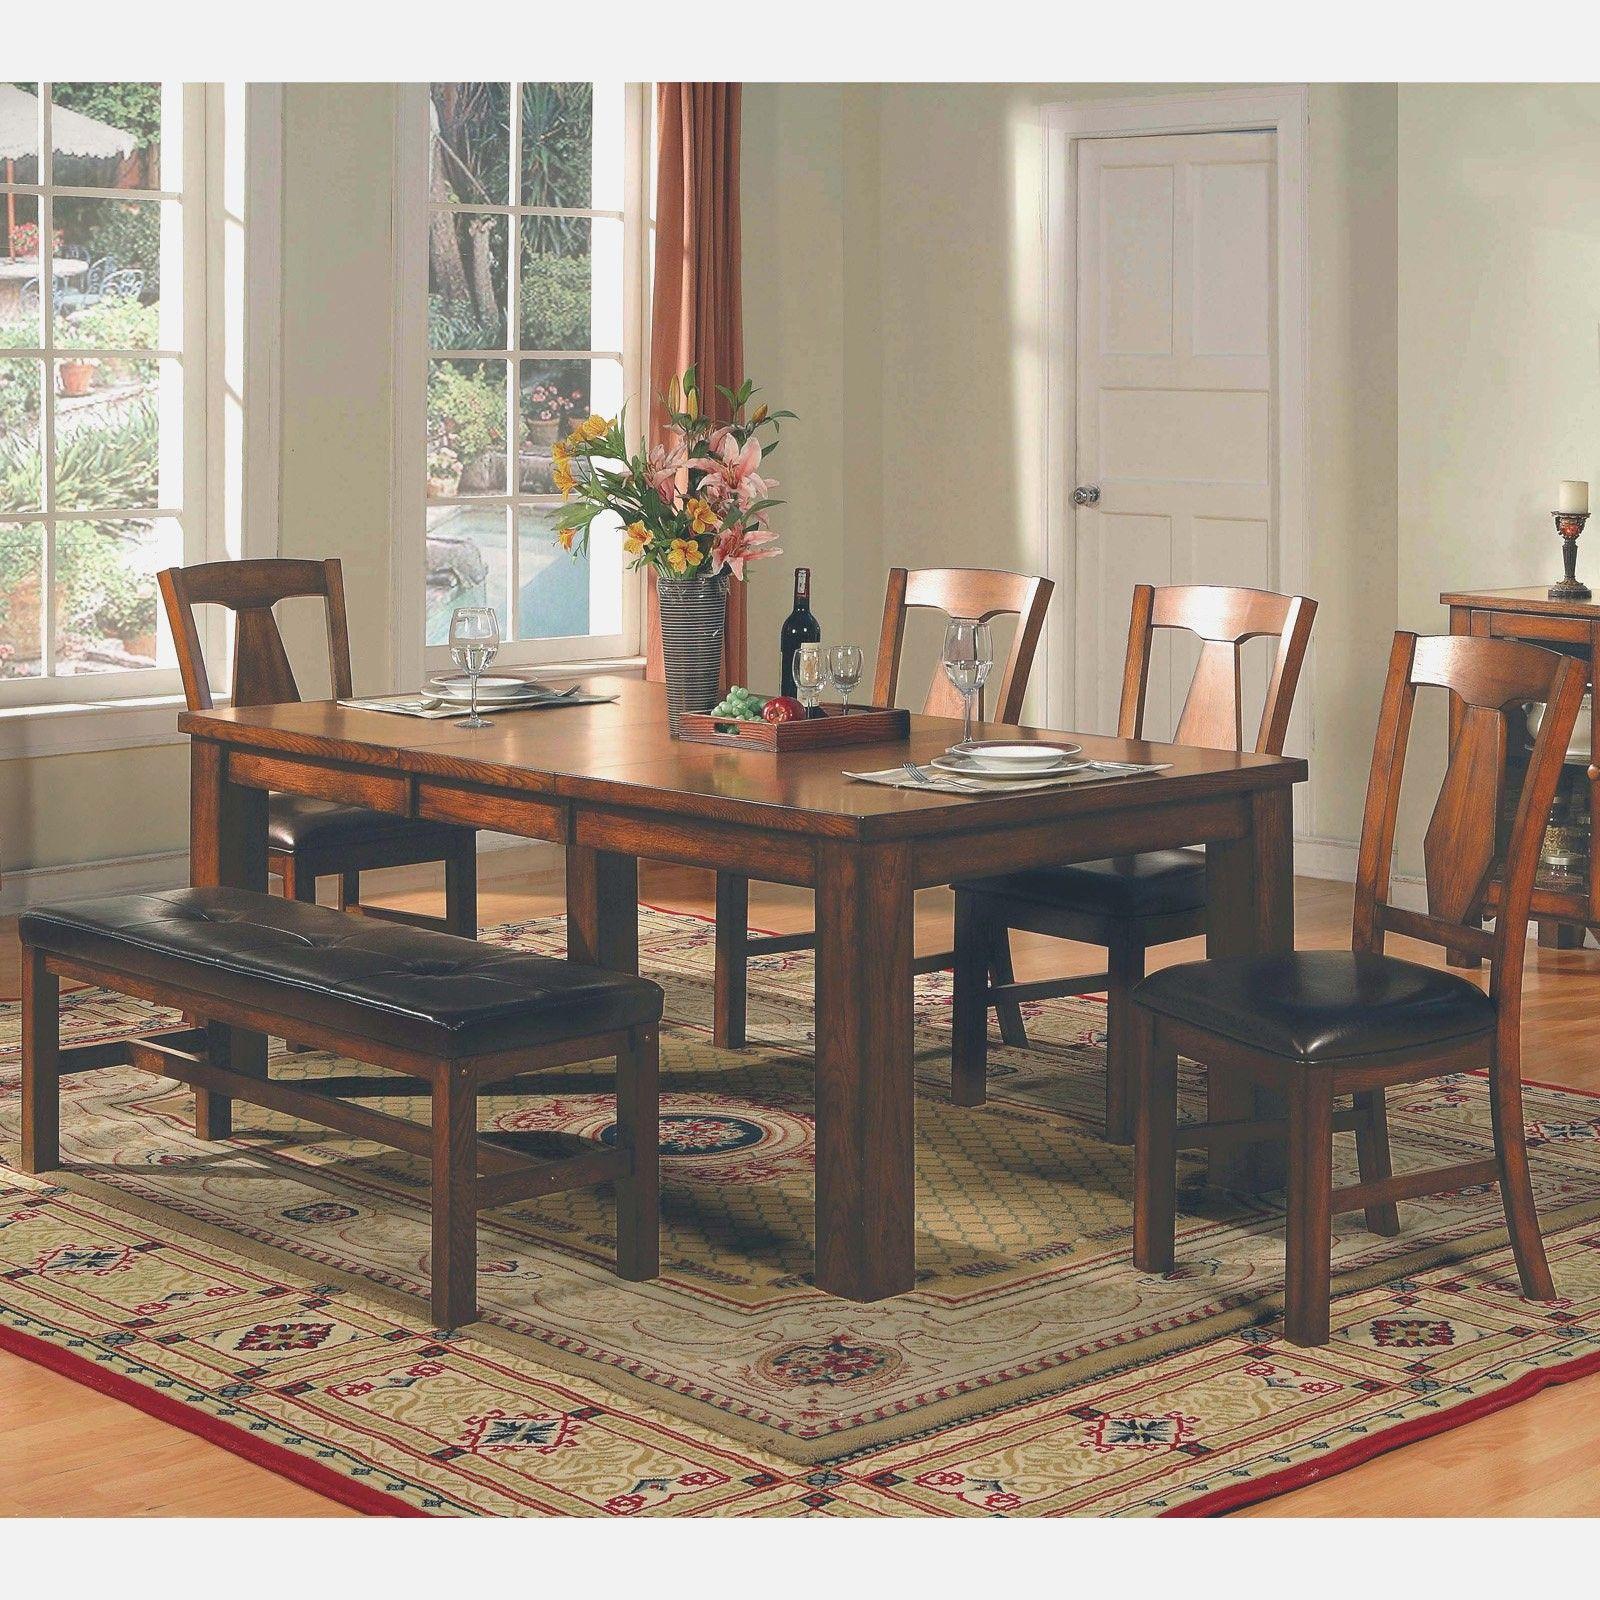 Diamond Furniture Living Room Sets   Diamond Furniture Dinettes, Diamond  Furniture Jail Road, Diamond